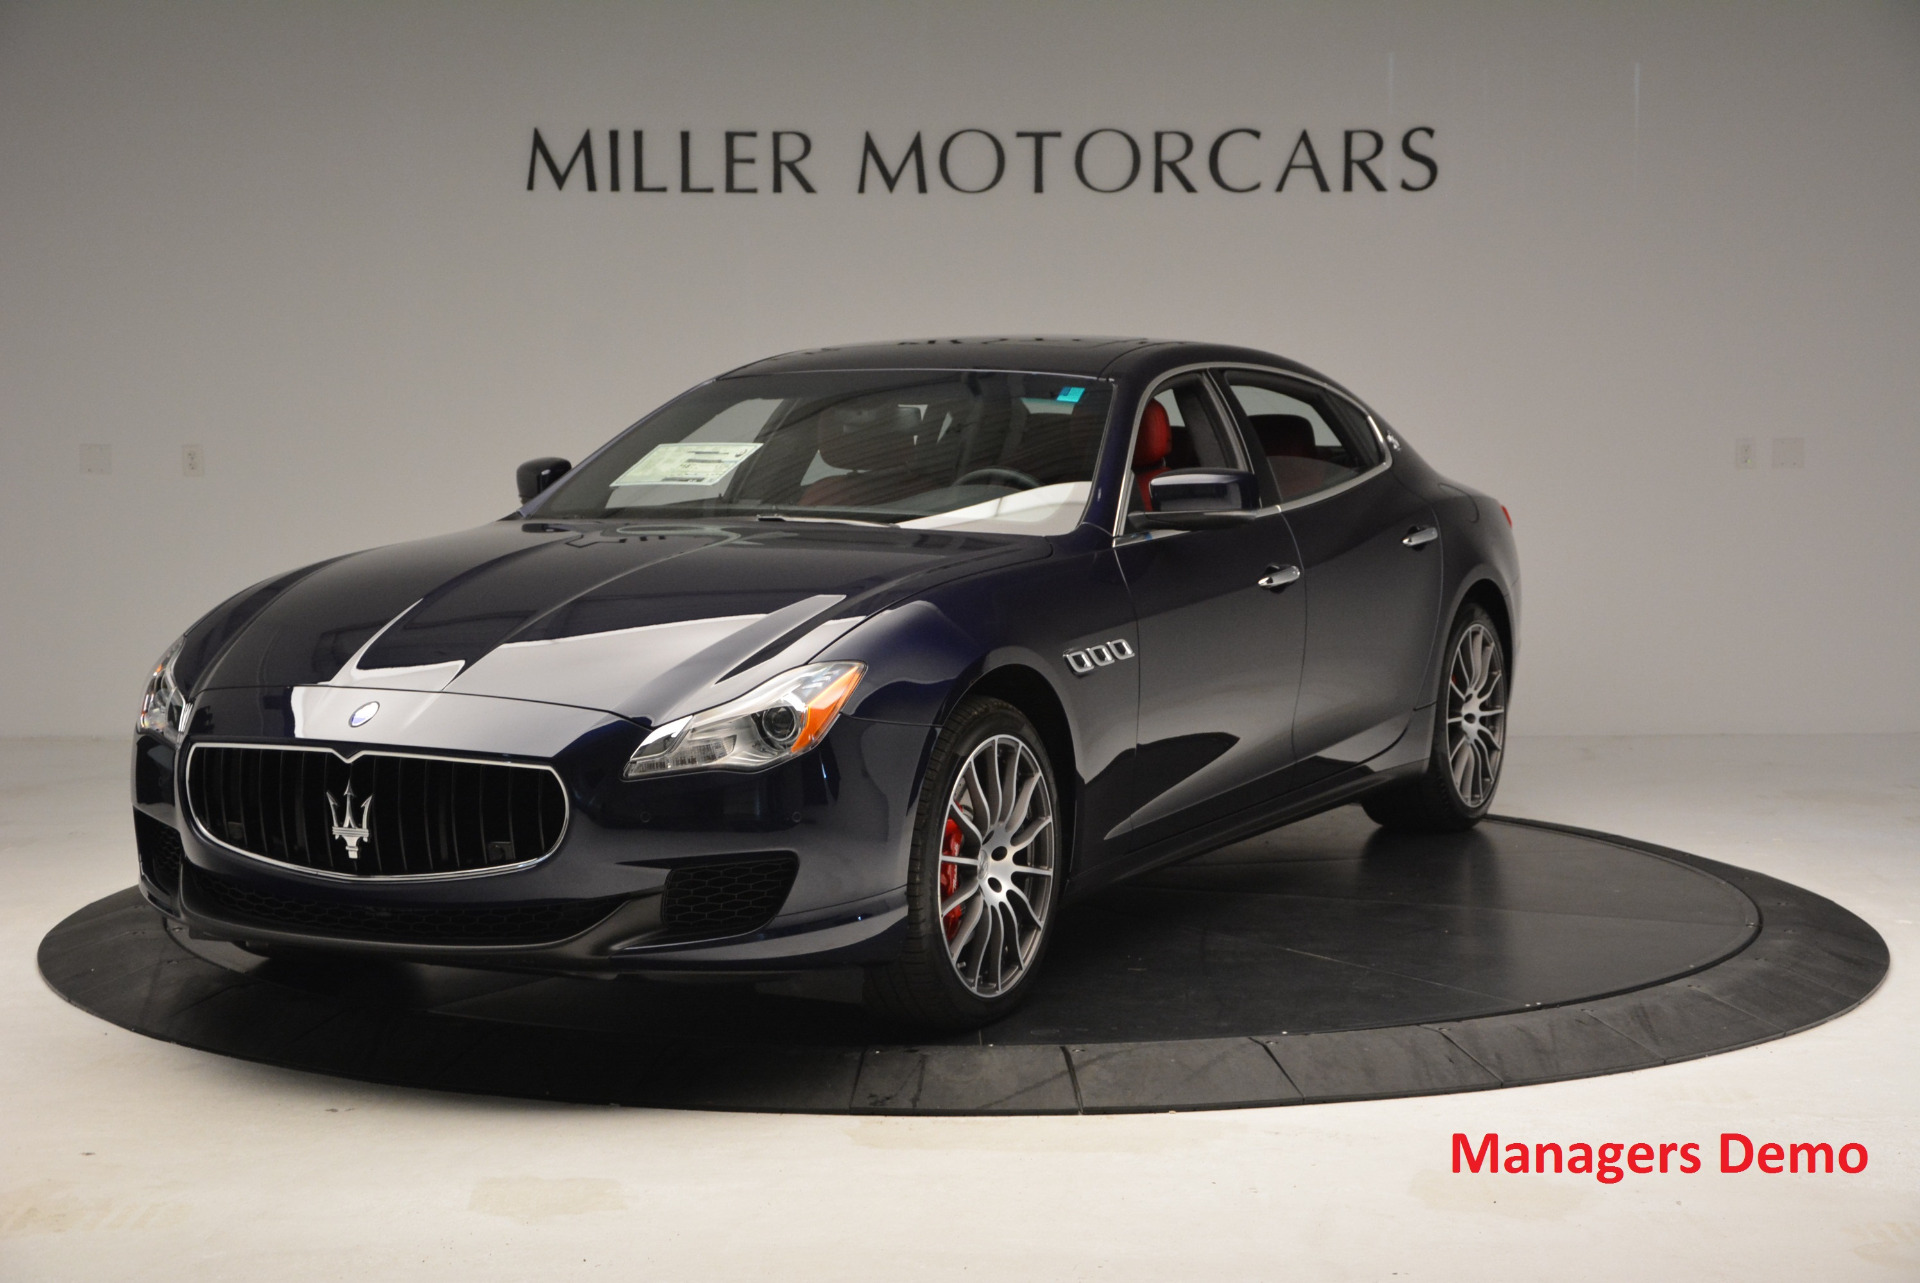 New 2016 Maserati Quattroporte S Q4  *******      DEALER'S  DEMO for sale Sold at Bugatti of Greenwich in Greenwich CT 06830 1